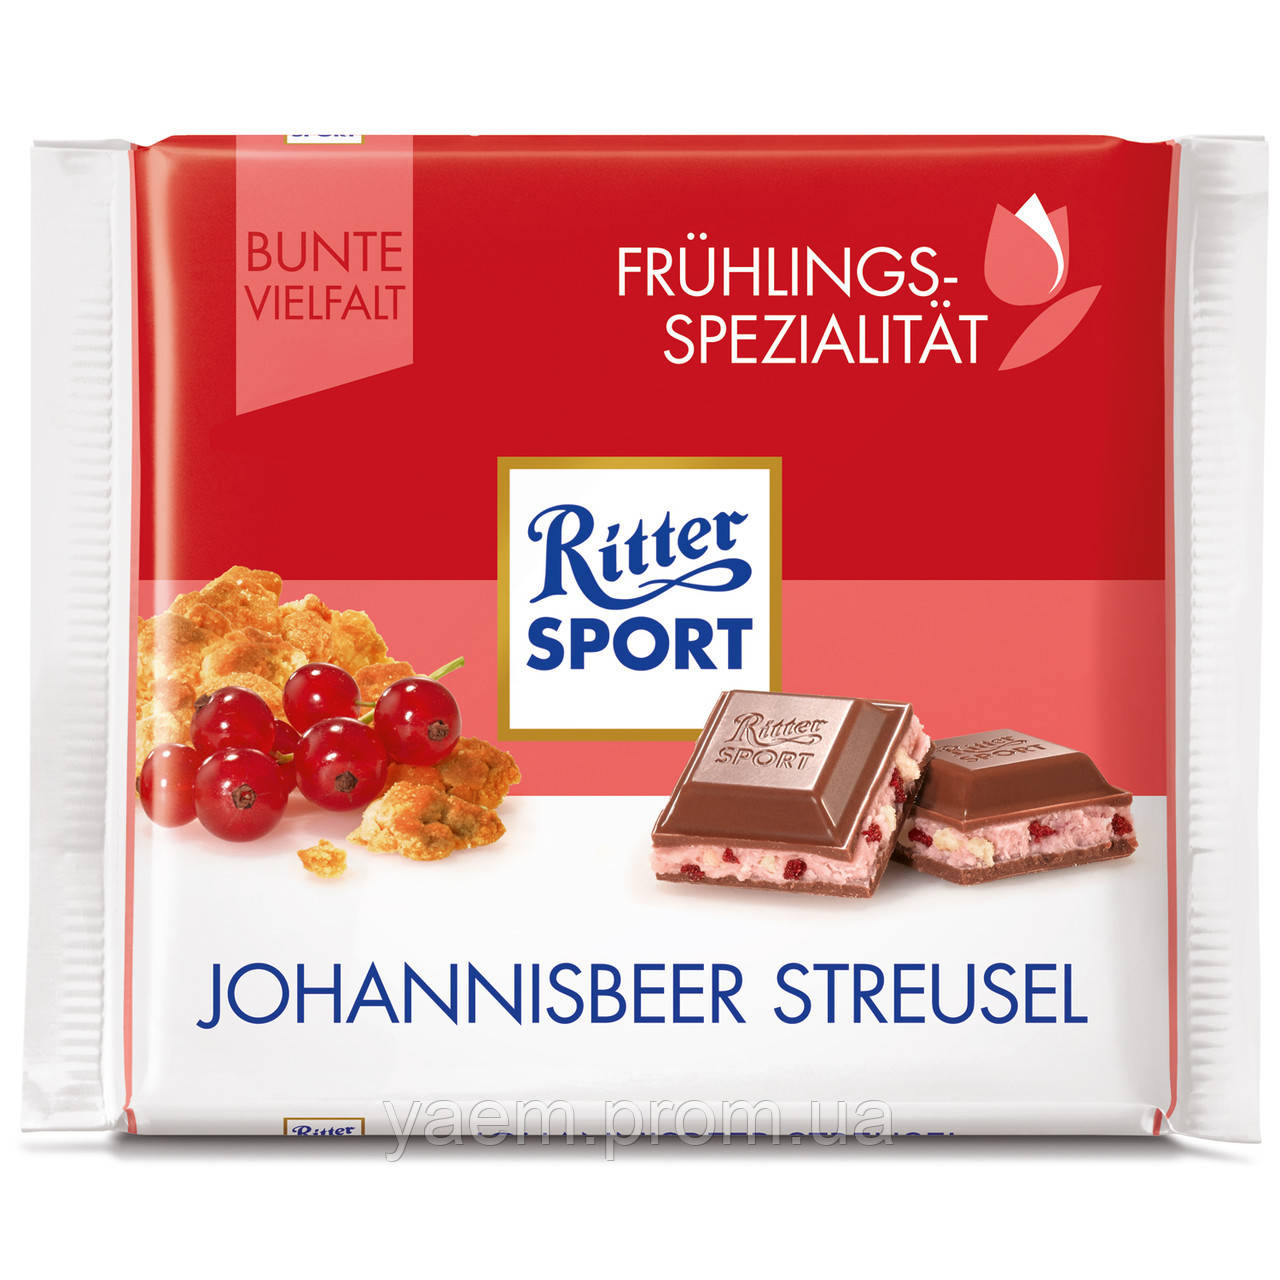 Шоколад Ritter Sport 100гр. (Германия) 100, Johannisbeer streusel (молочный с красной смородиной и кусочками печенья)